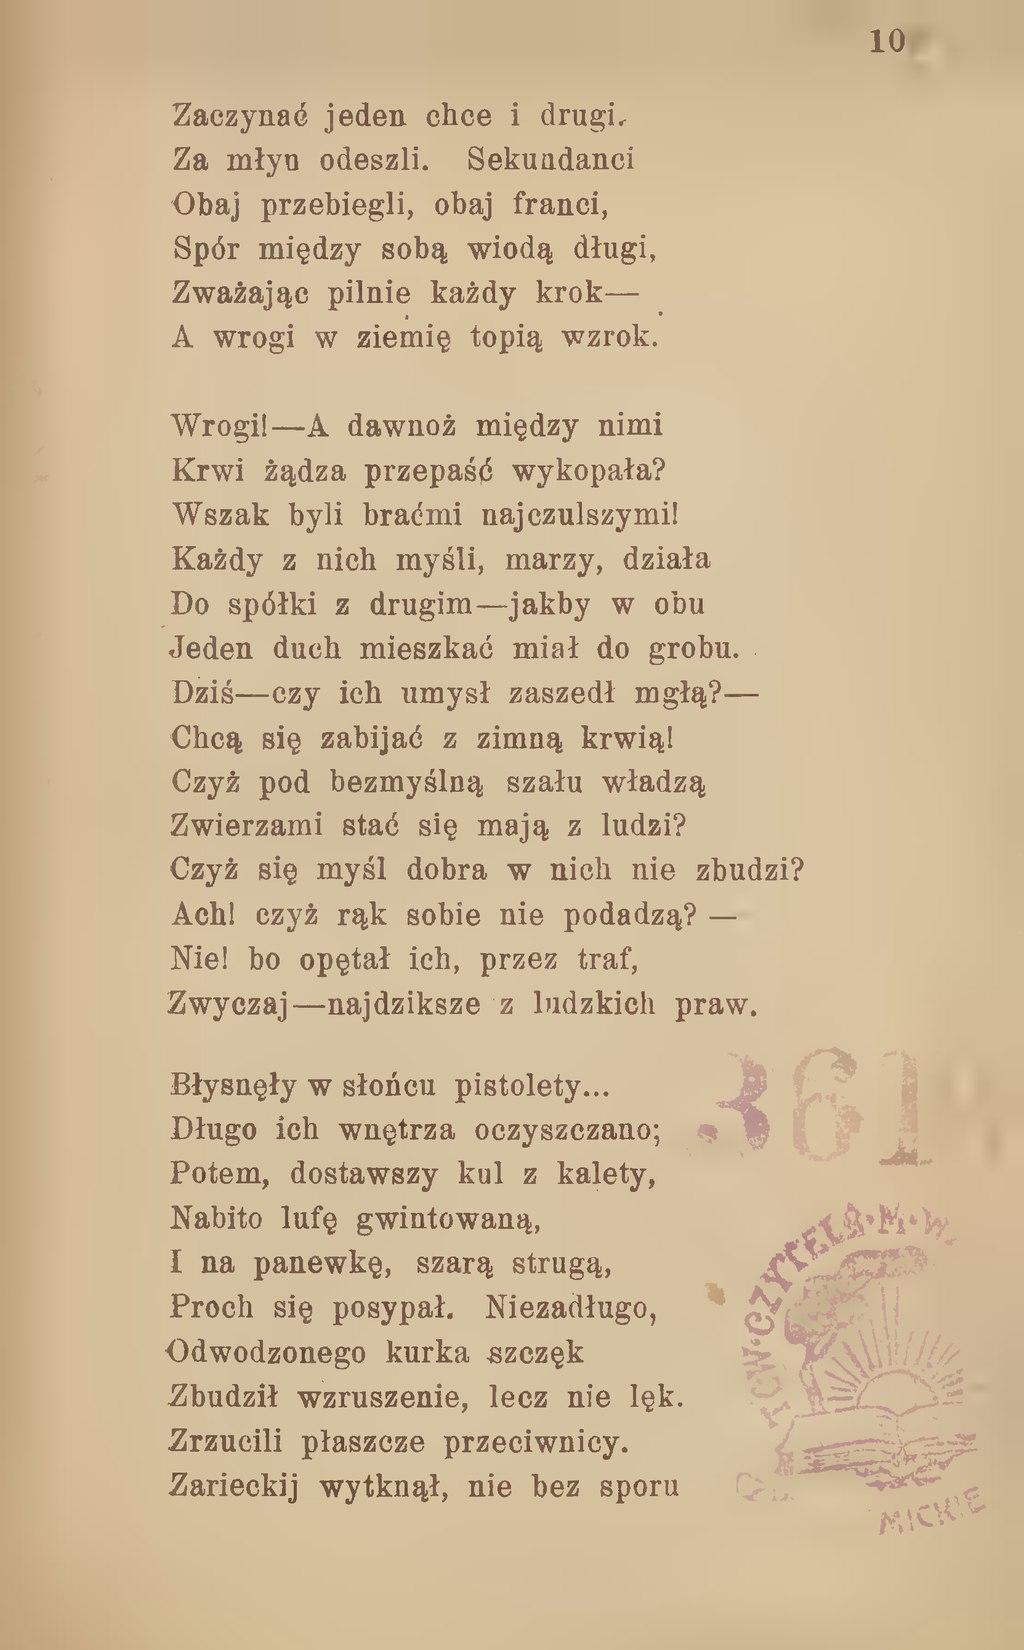 Stronagomulickiego Wiktora Wiersze Zbiór Nowydjvu104